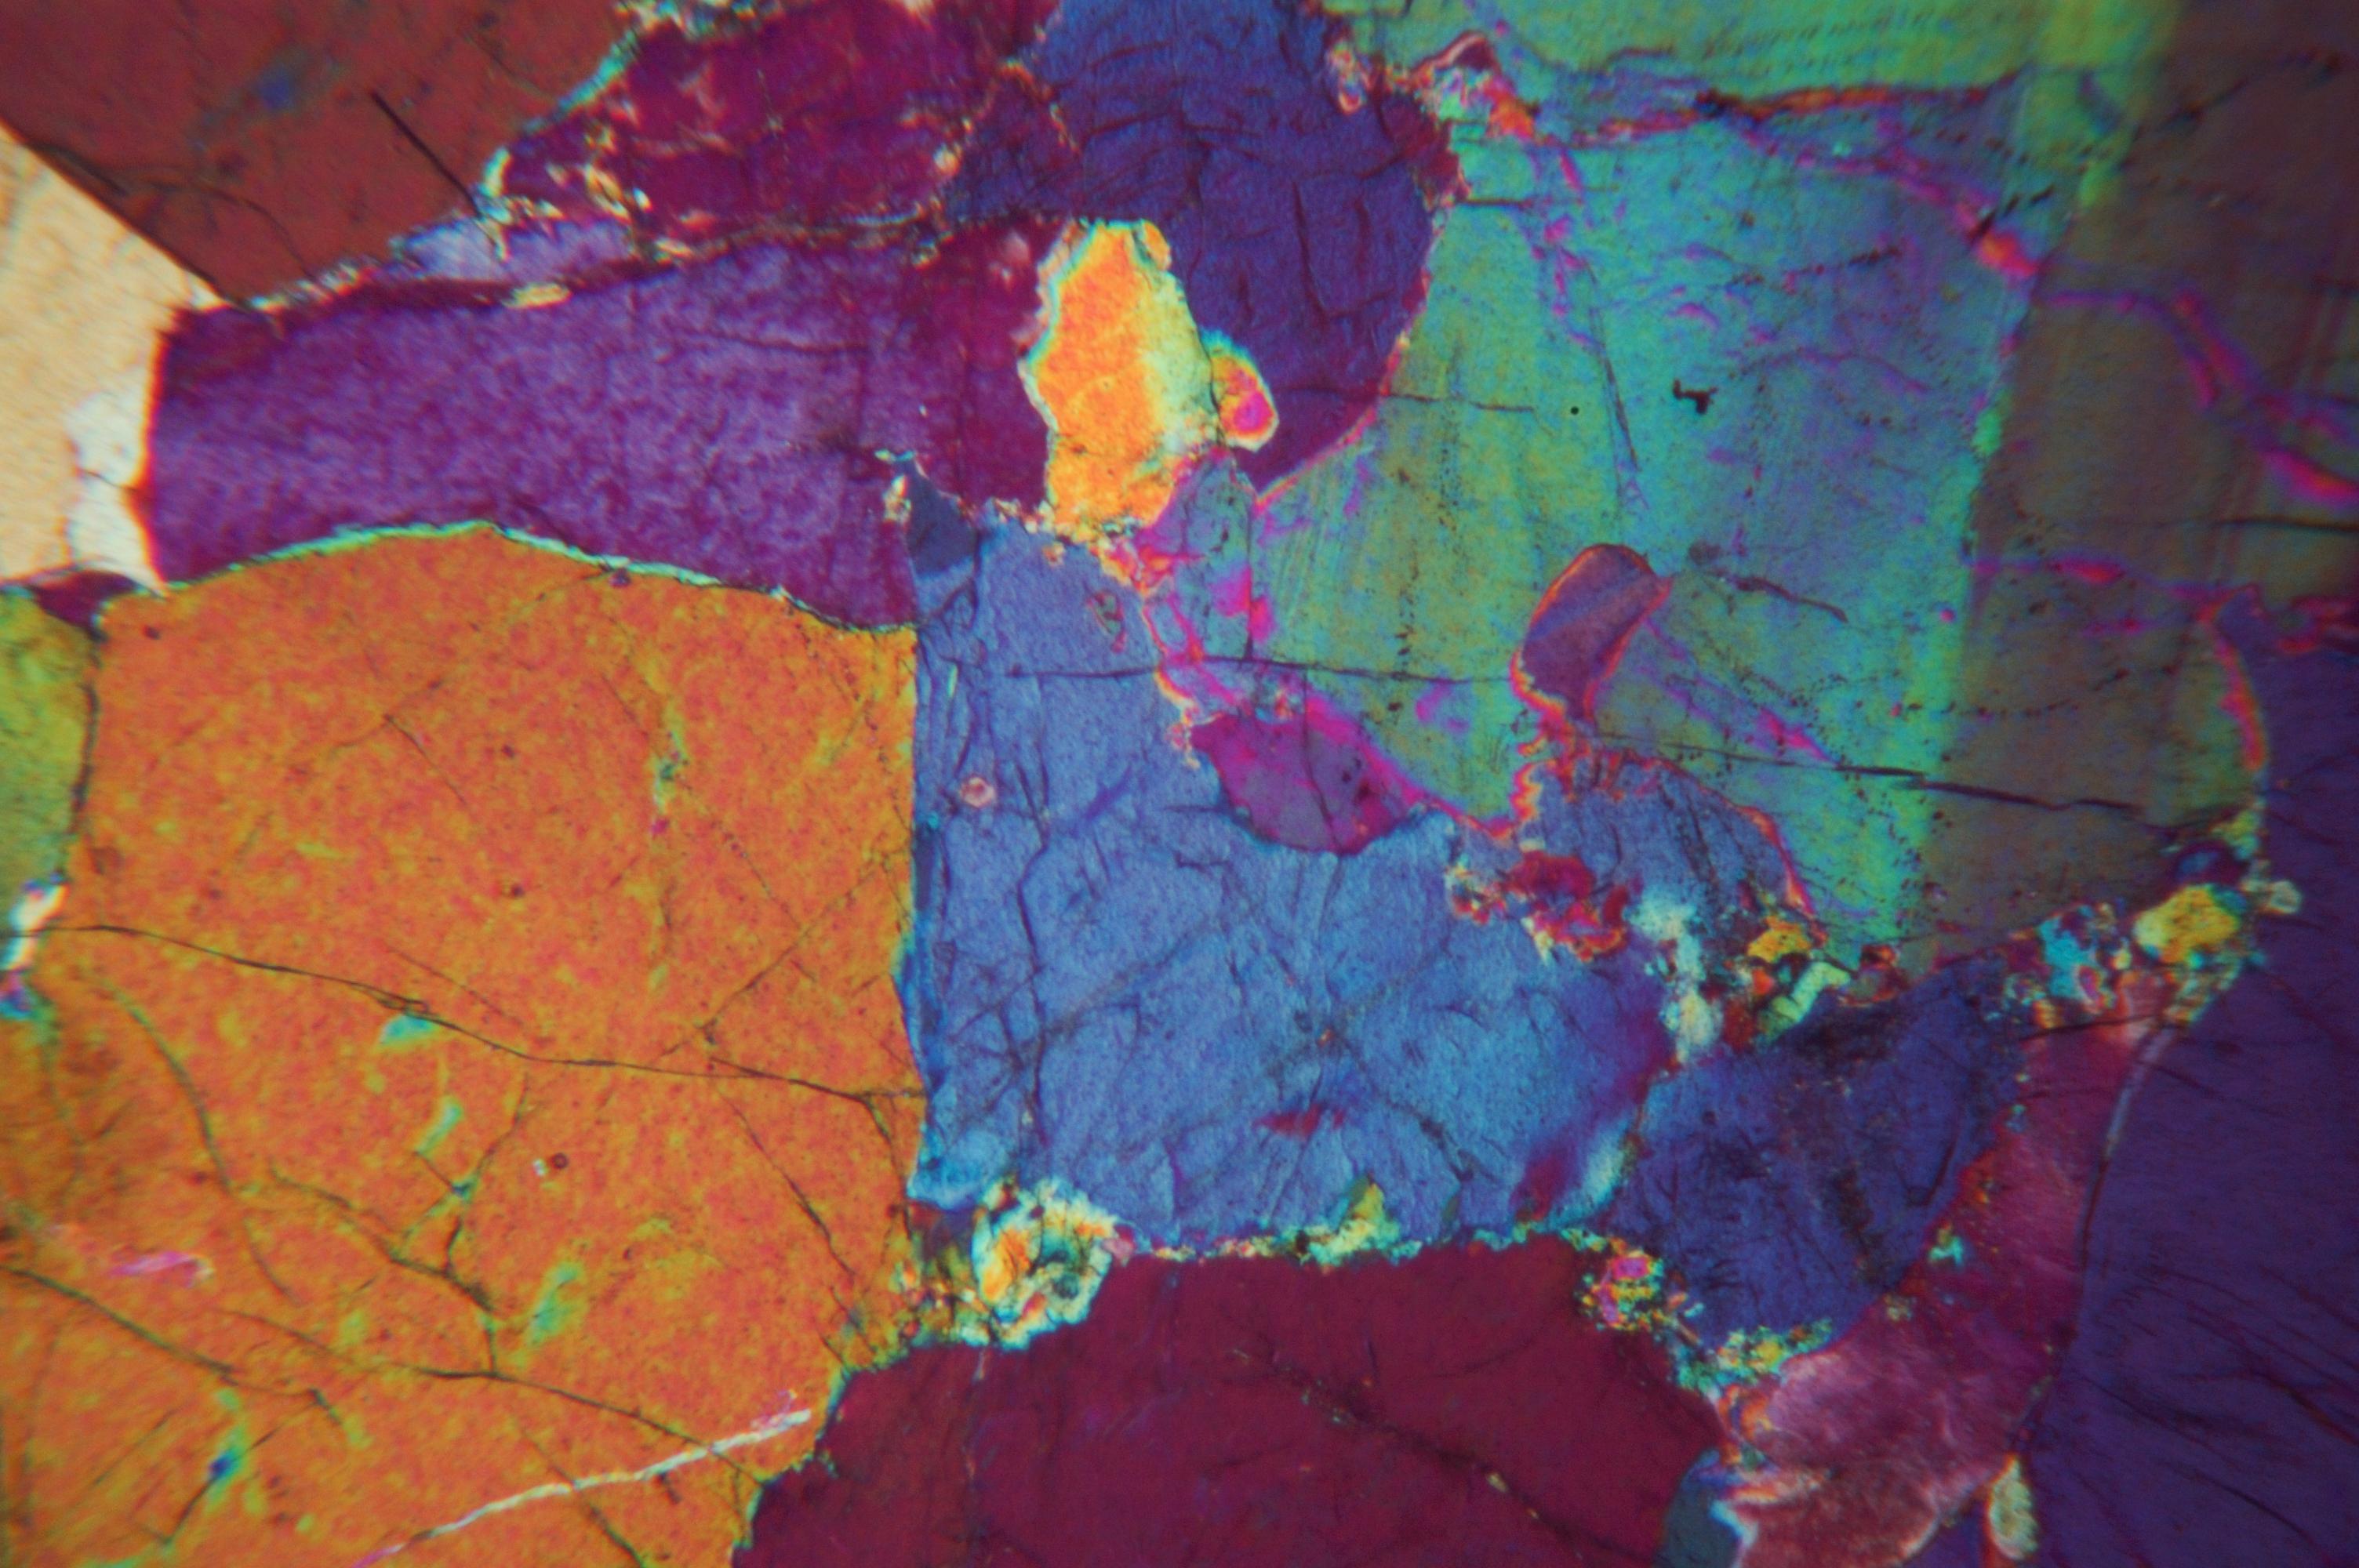 micrograph5.jpg